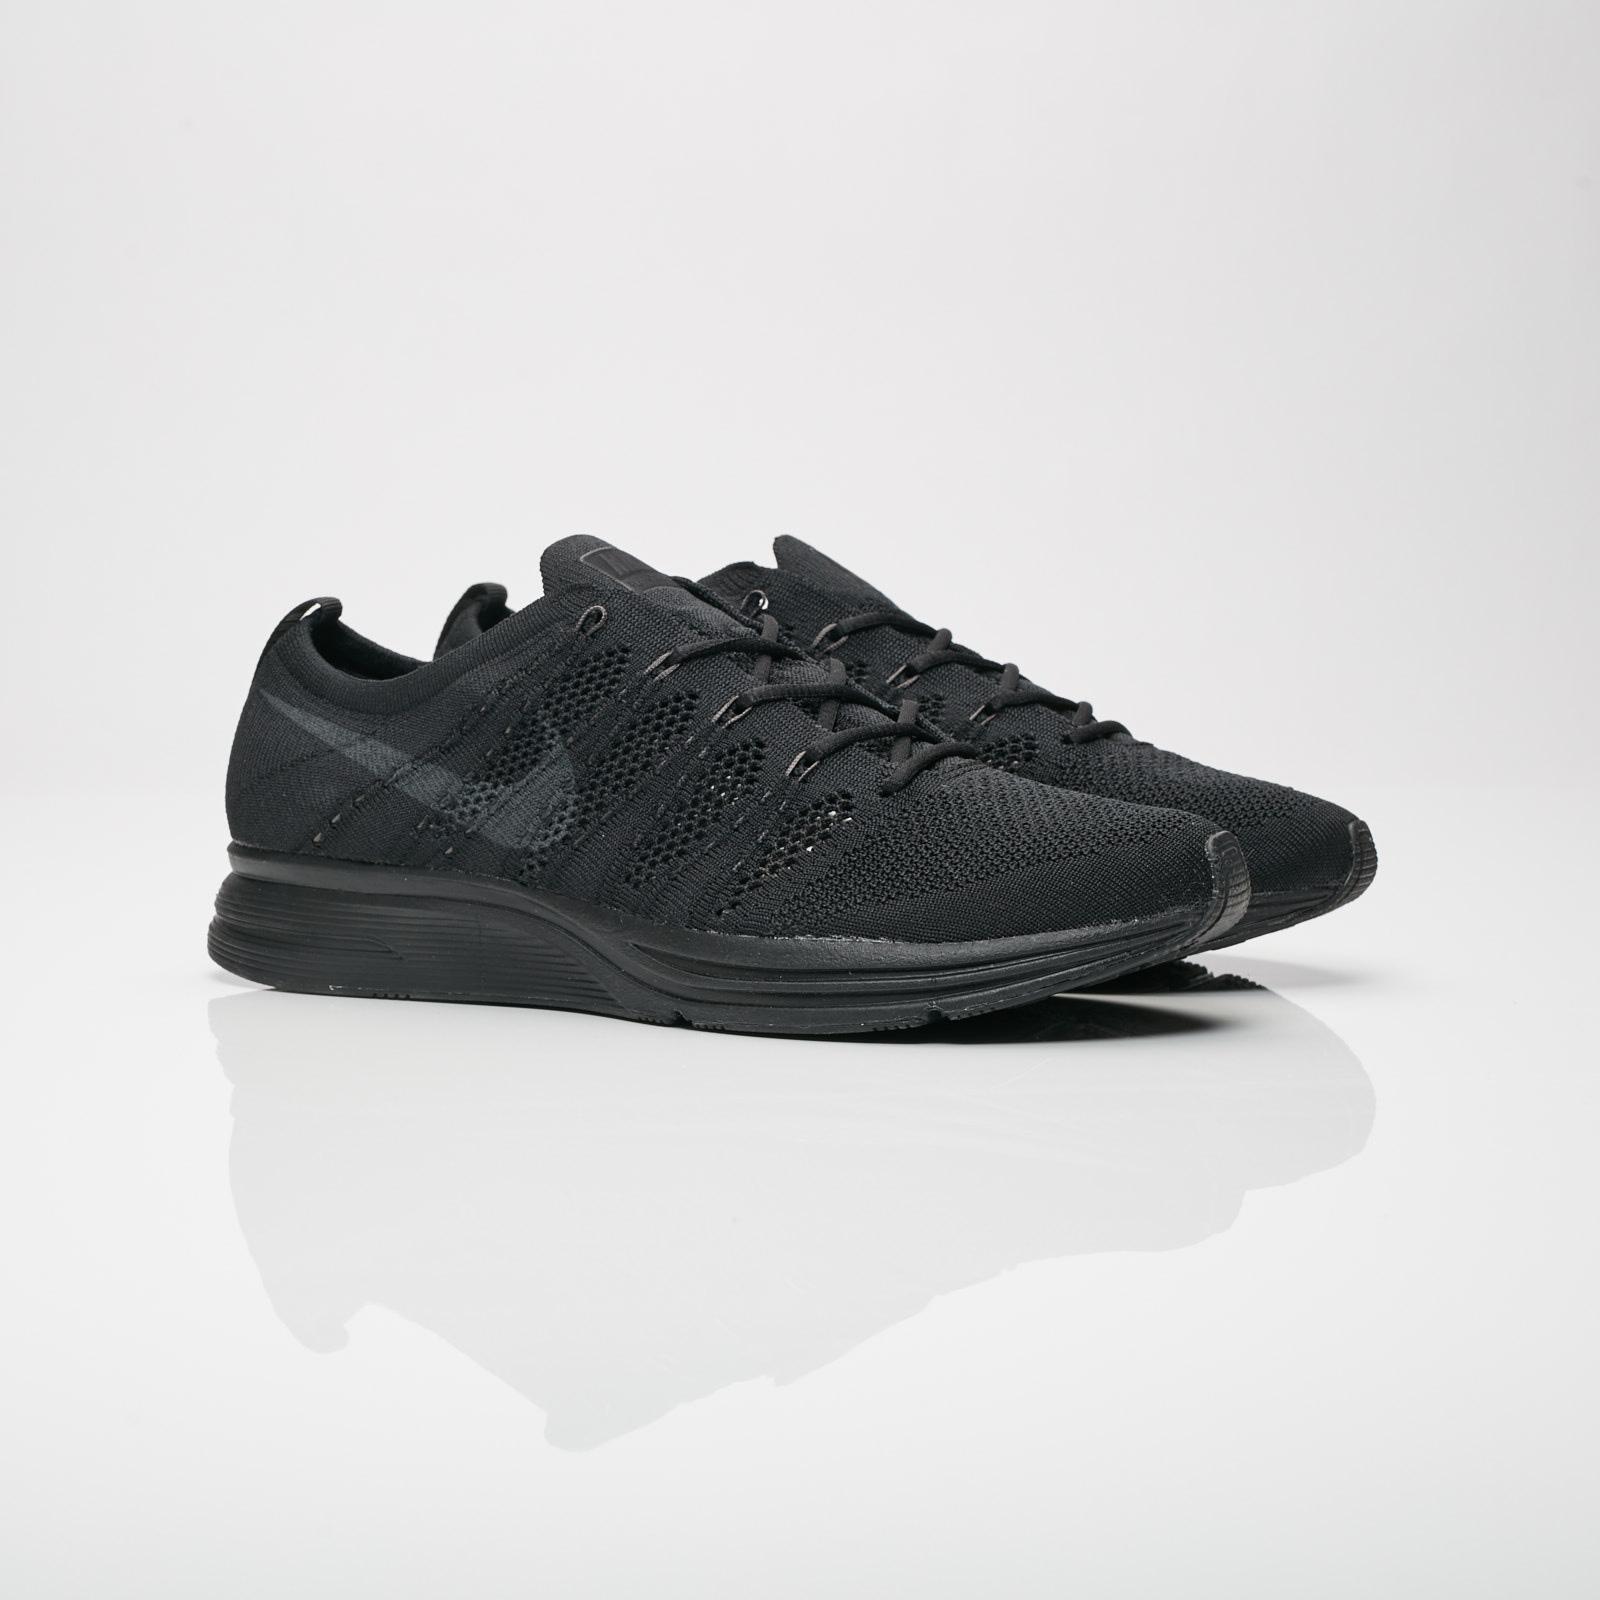 d5edcc31558f Nike Flyknit Trainer - Ah8396-004 - Sneakersnstuff